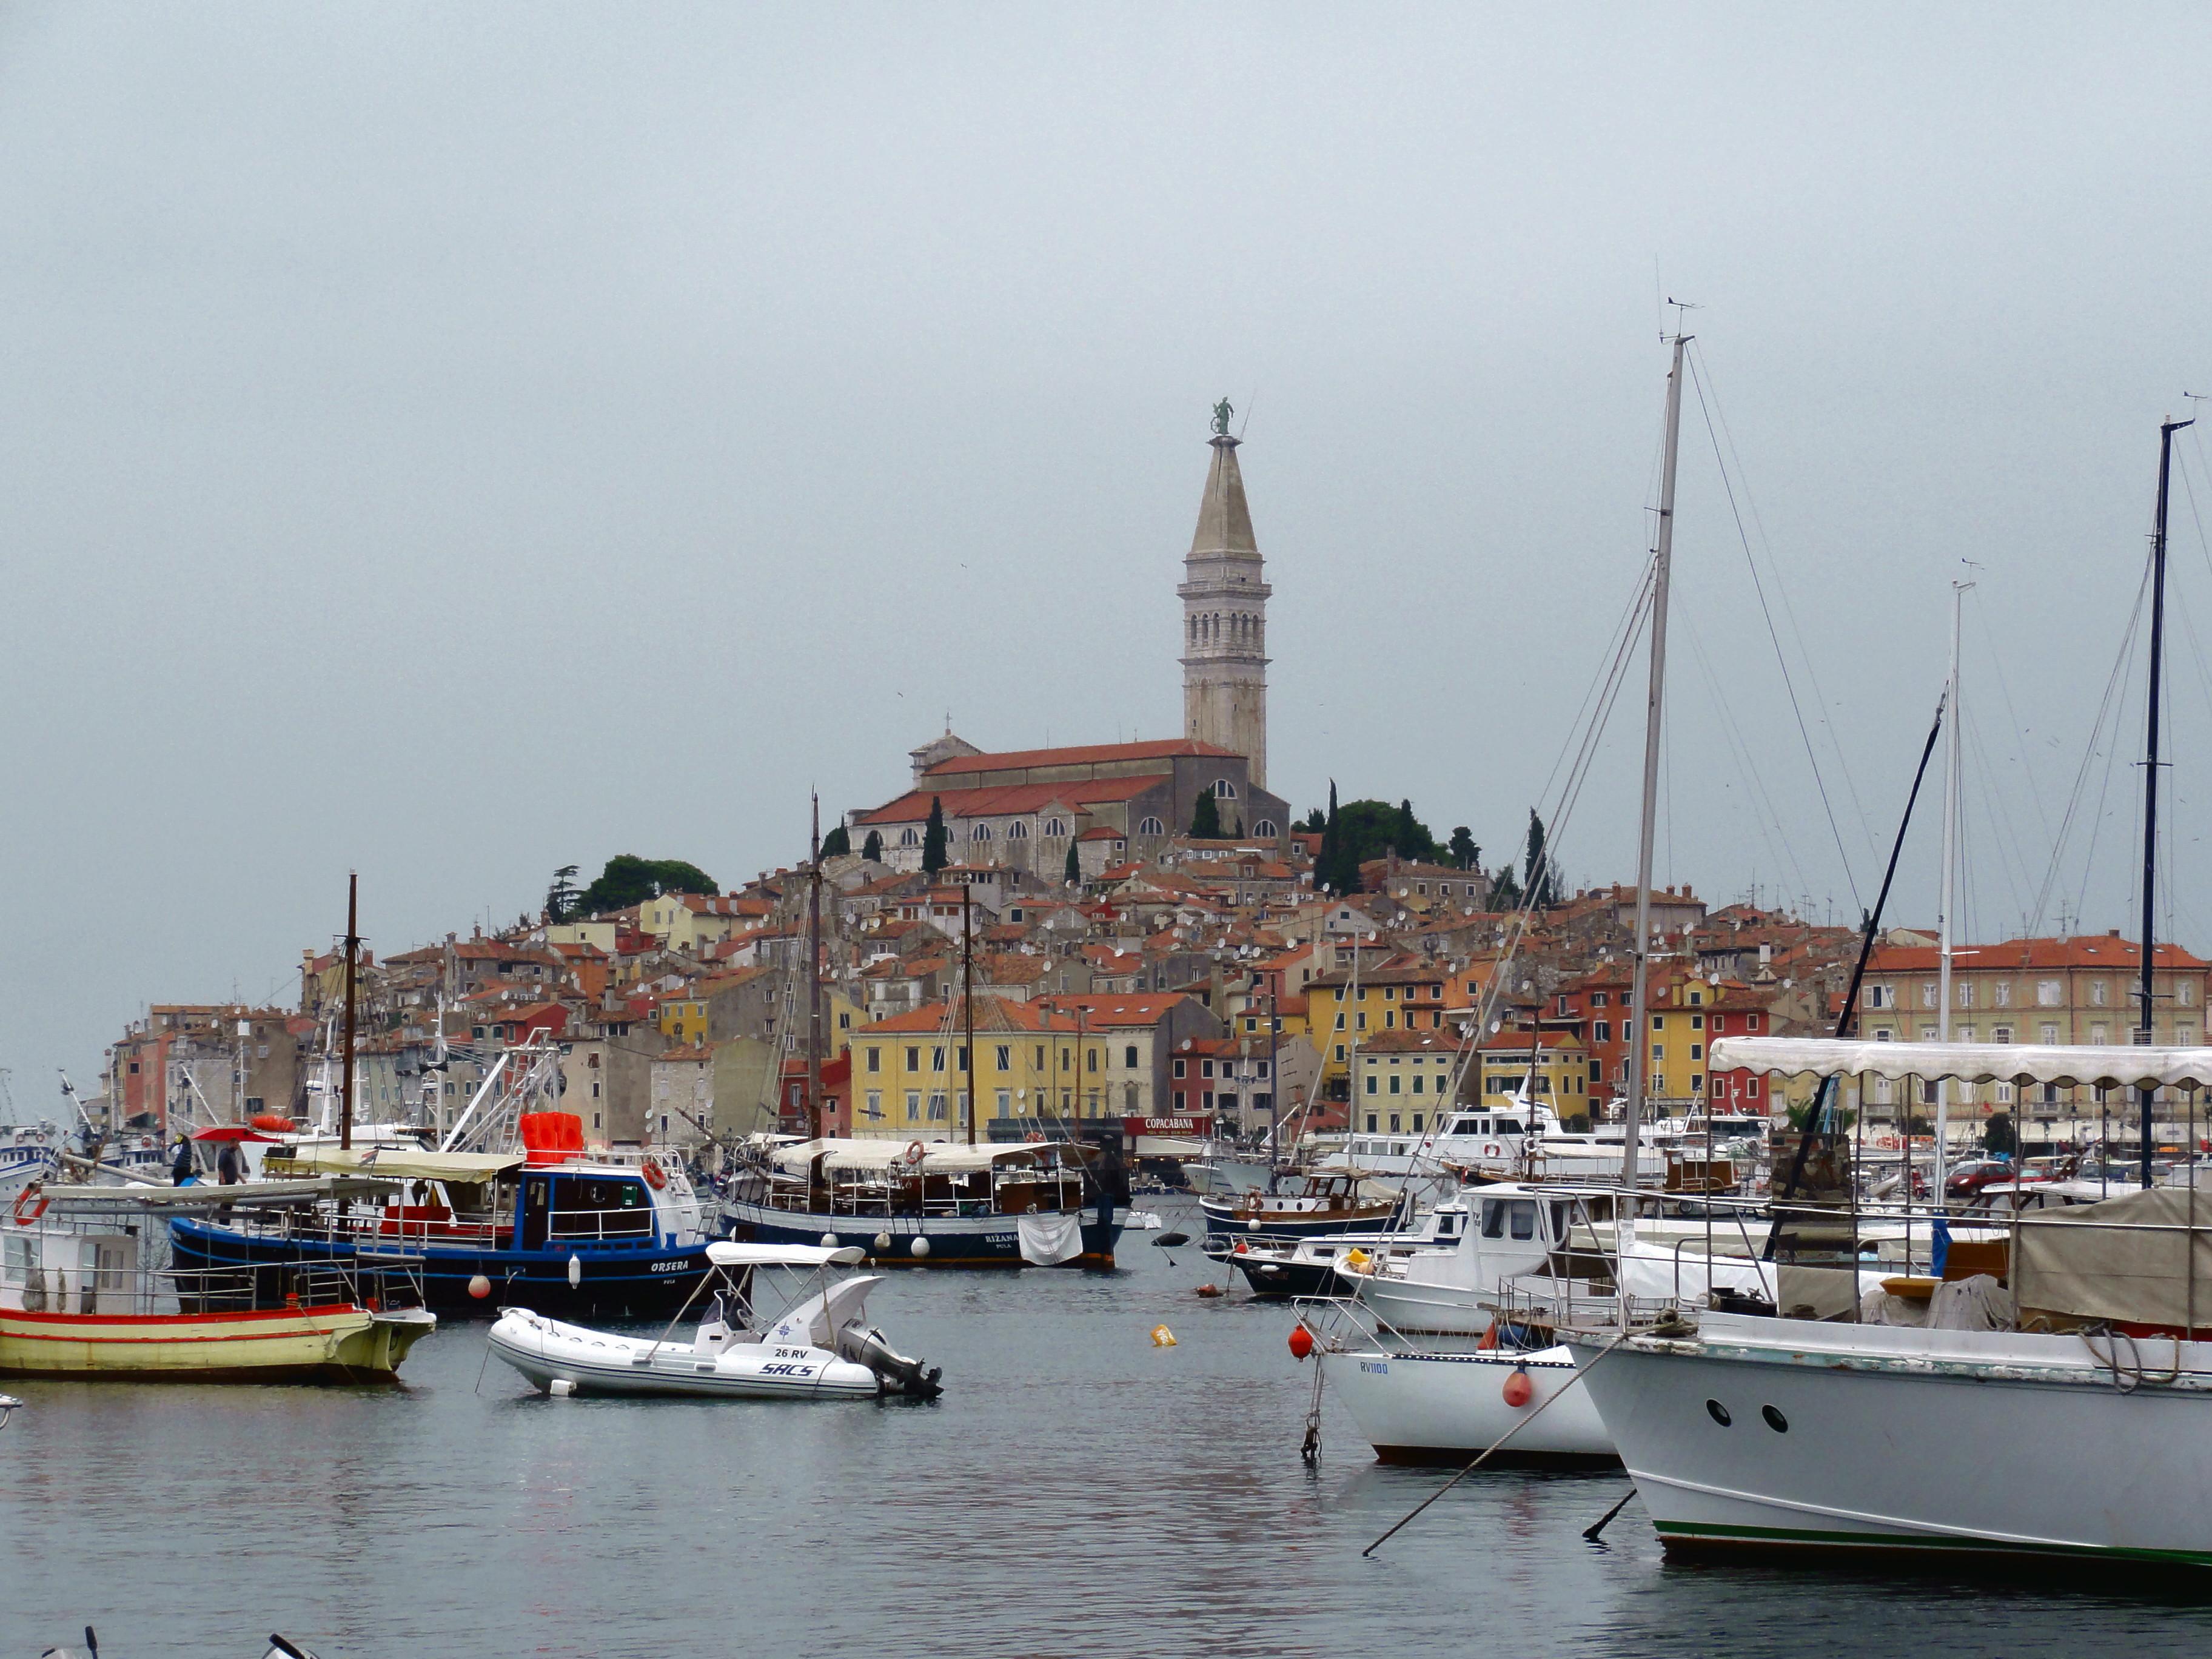 Croatie, une vue sur Rovinj